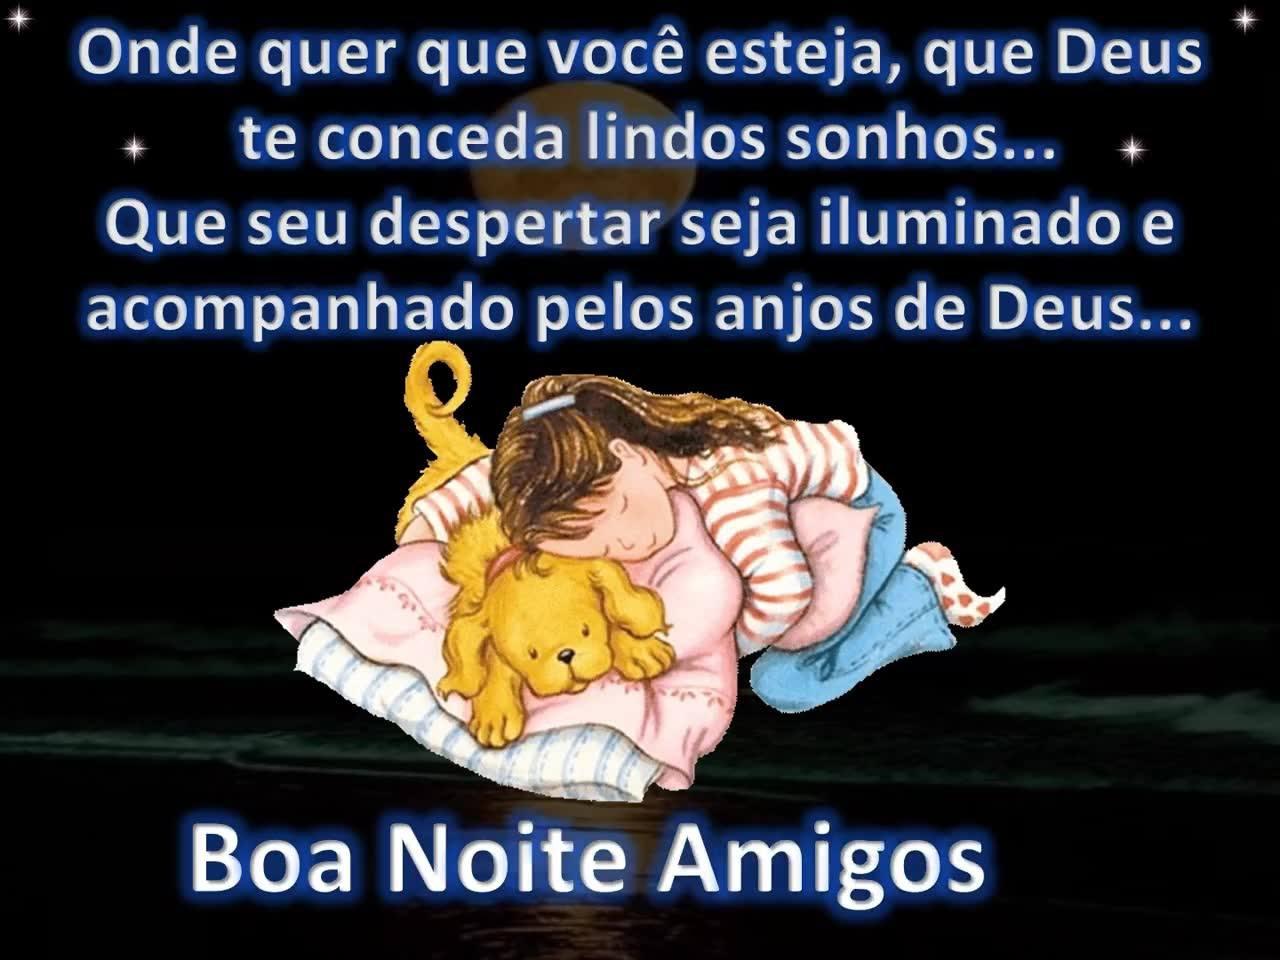 Mensagem De Boa Noite Para Os Amigos: Mensagem De Boa Noite Para Amigos! Que Os Anjos De Deus